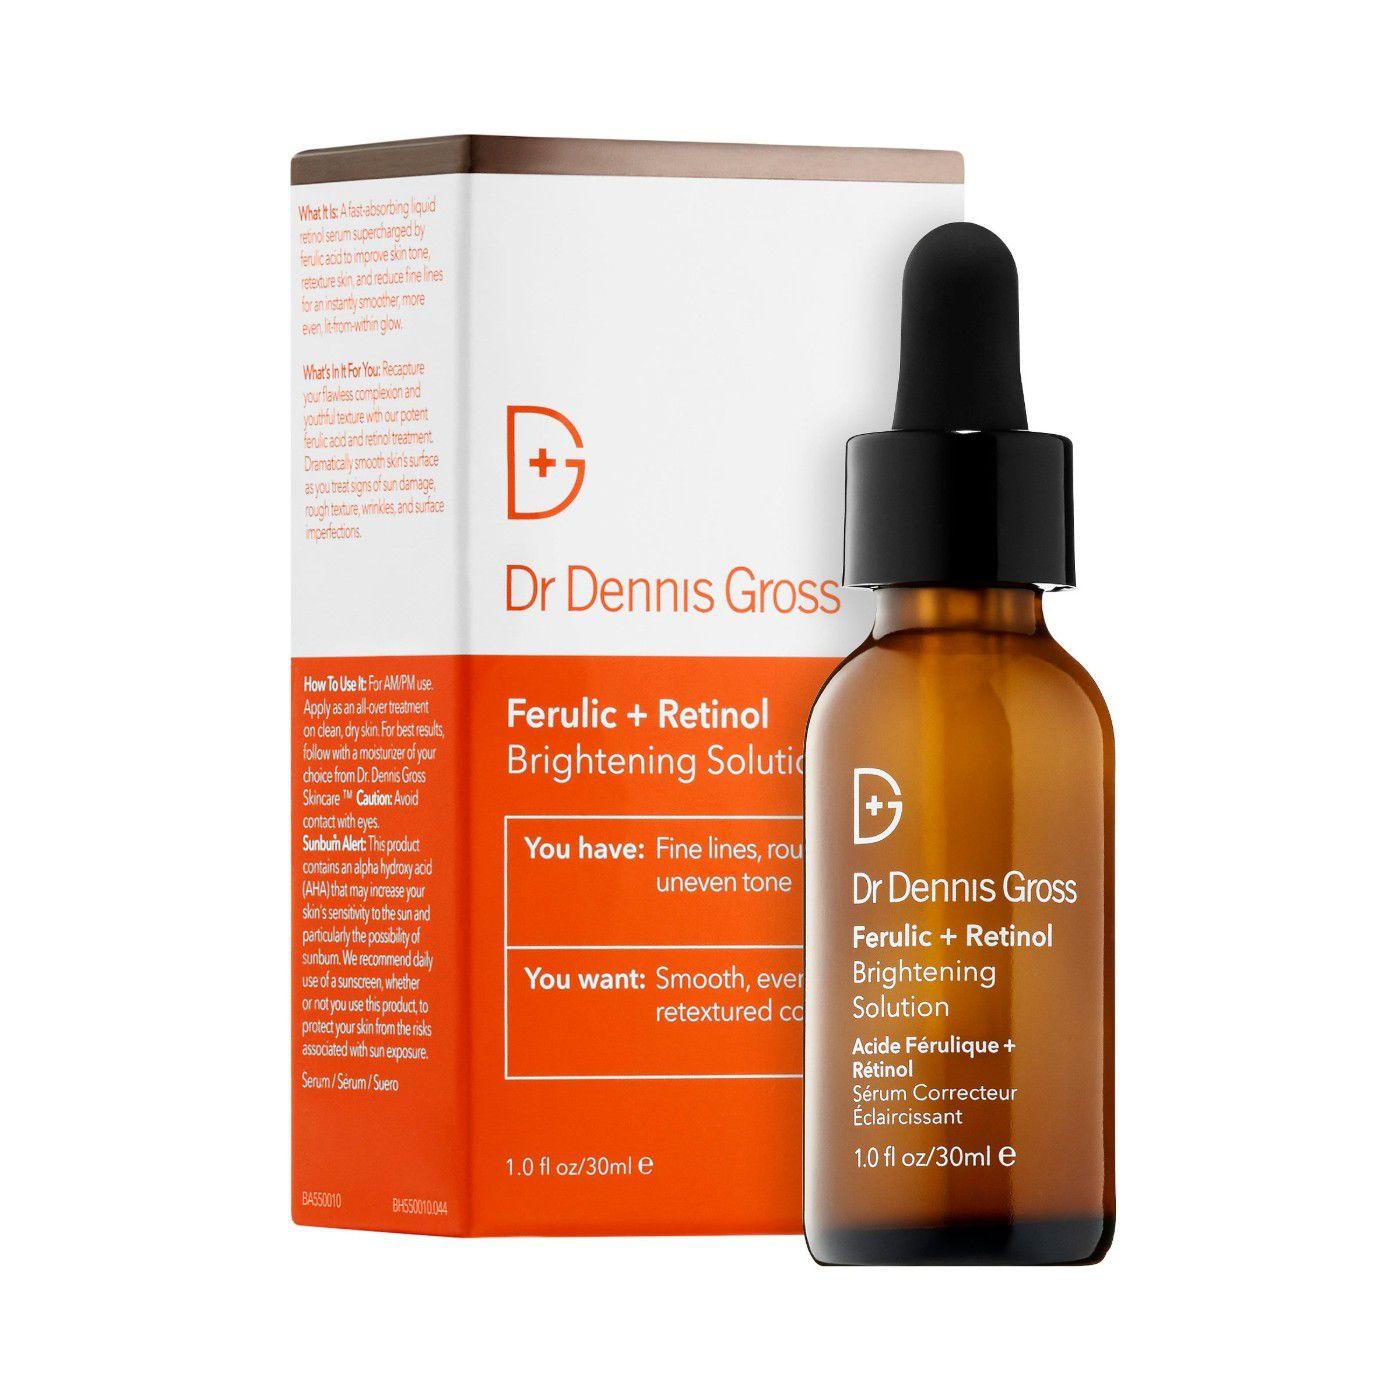 Dr. Dennis Gross Ferulic + Retinol Brightening Solution